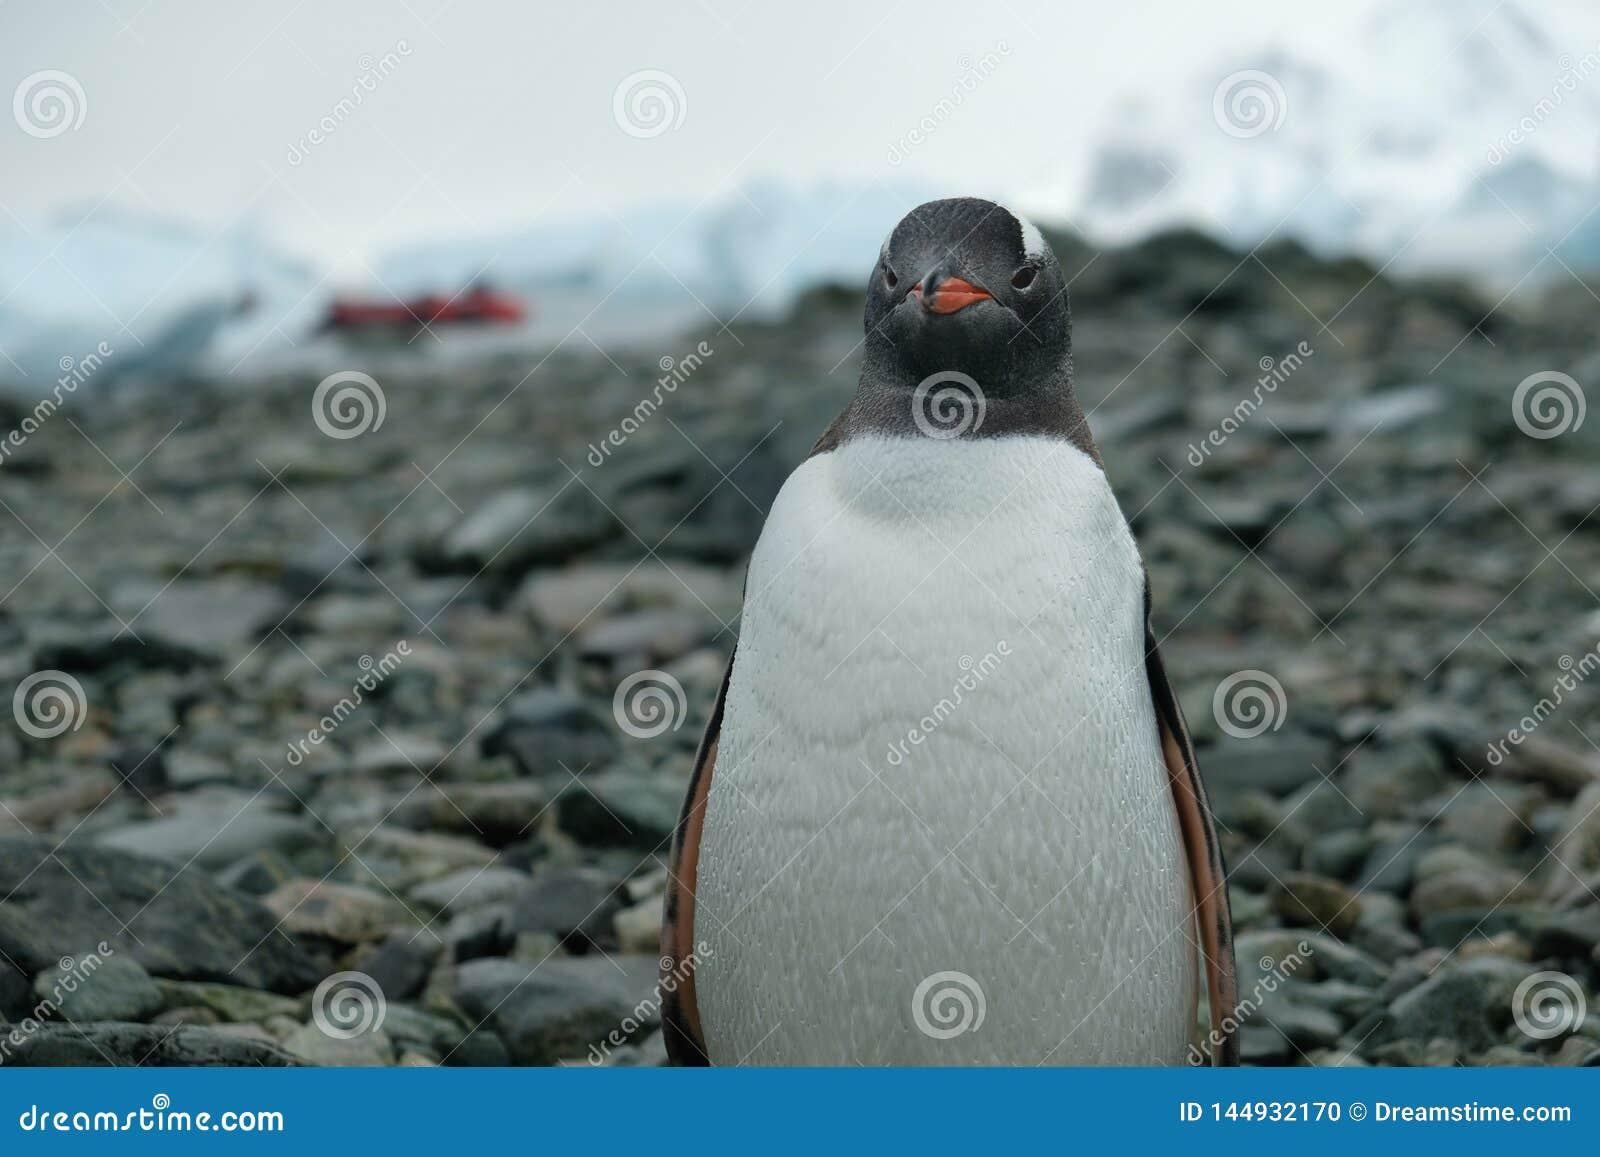 De pinguïn van Antarctica Gentoo bevindt zich op rotsachtig strand met waterdalingen op veren, rode boot